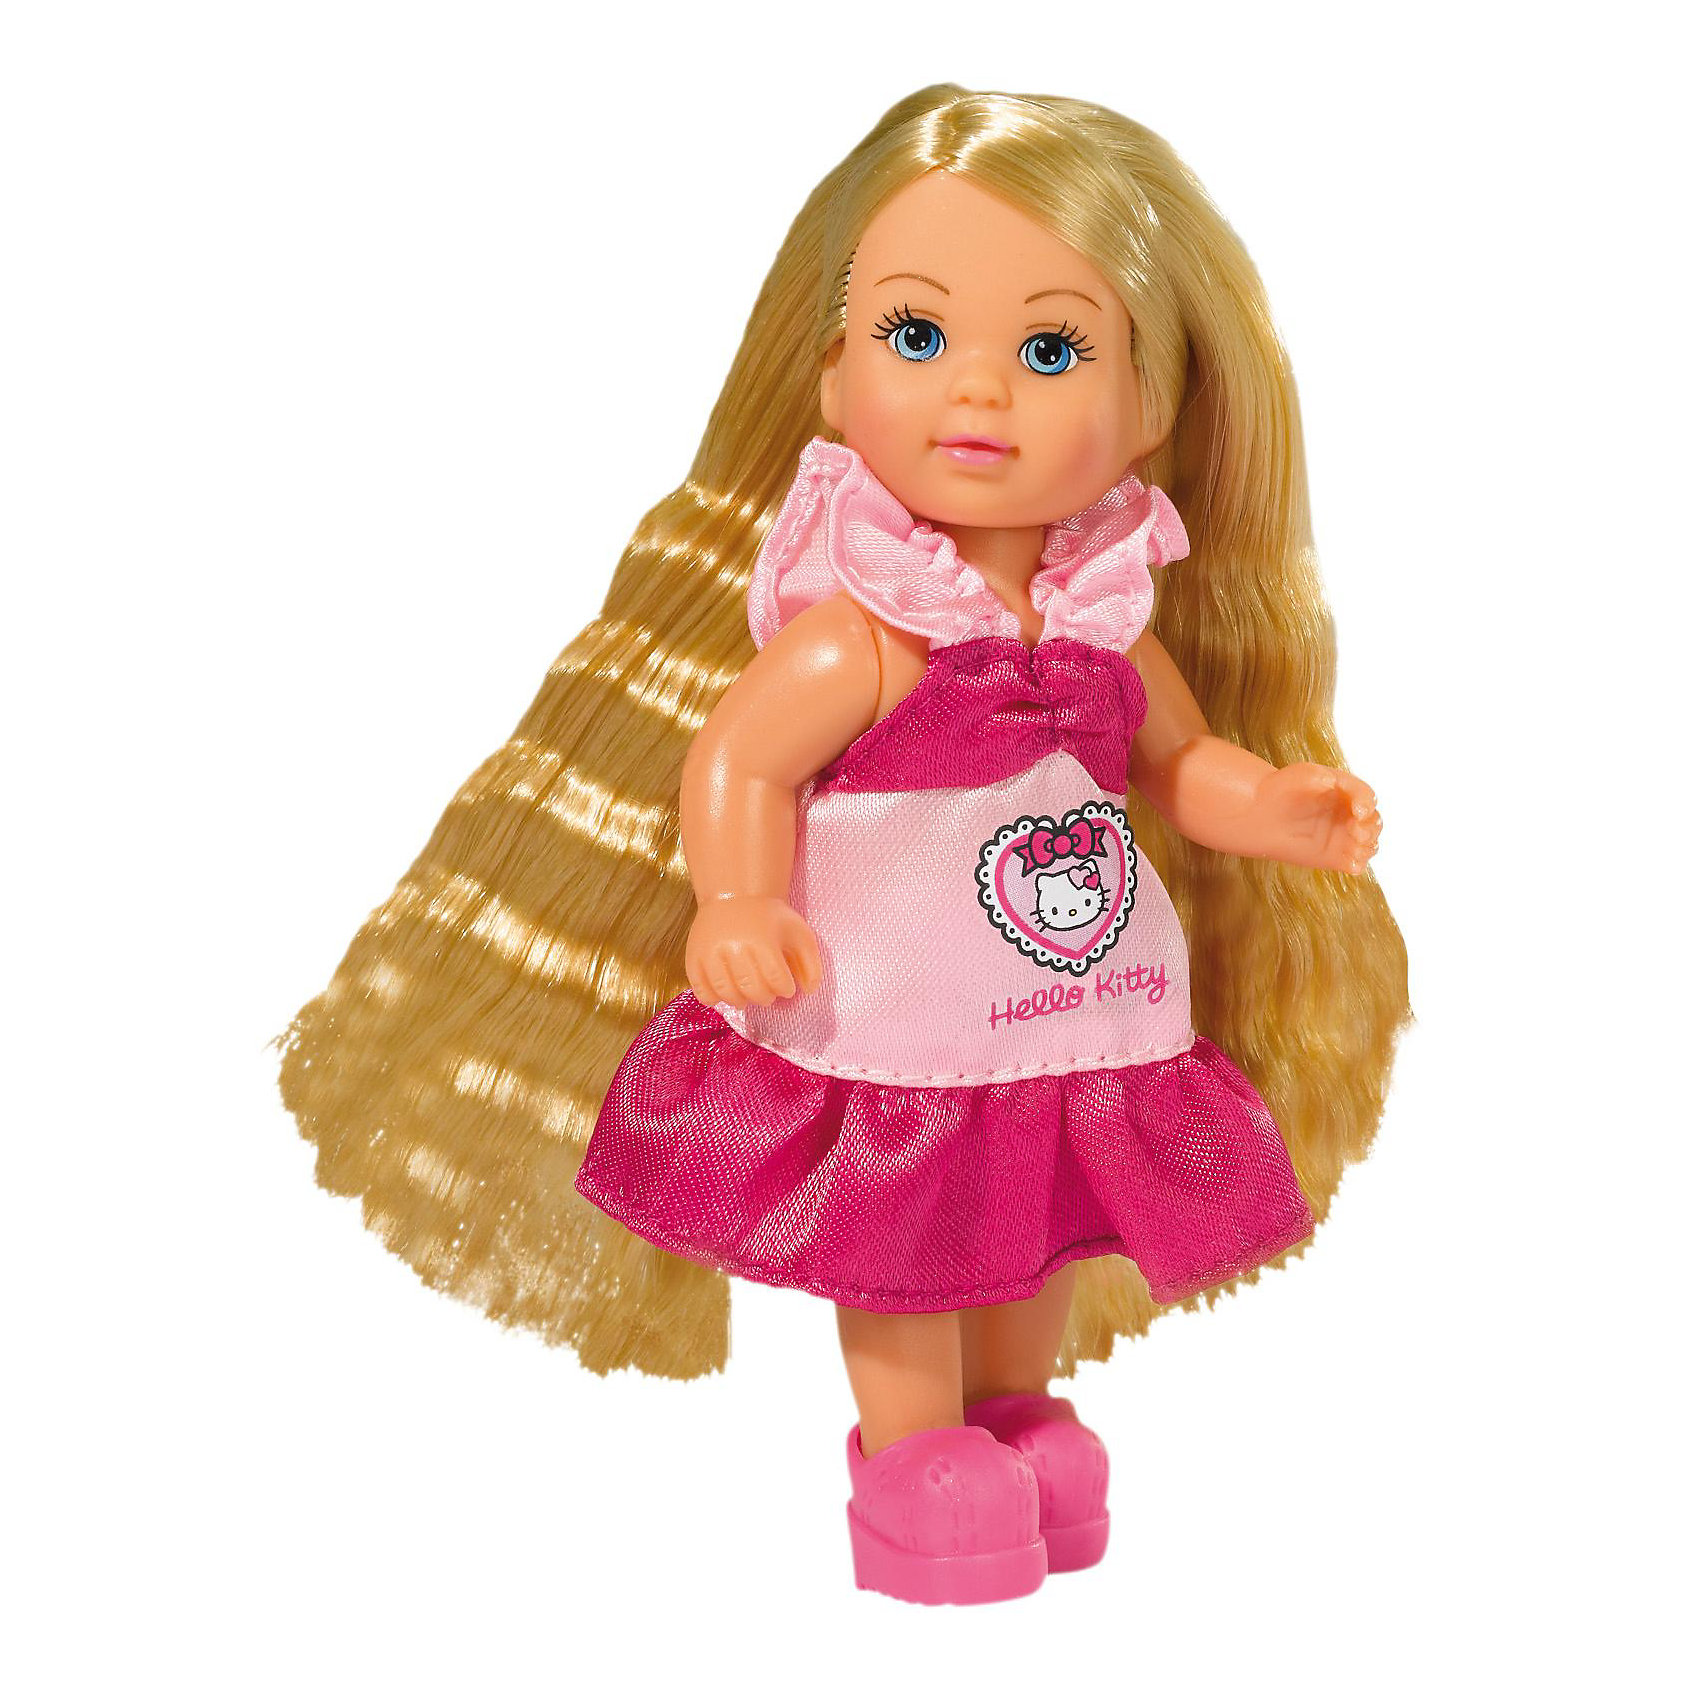 Еви с длинными волосами + 2 расчески + заколочки, Hello Kitty